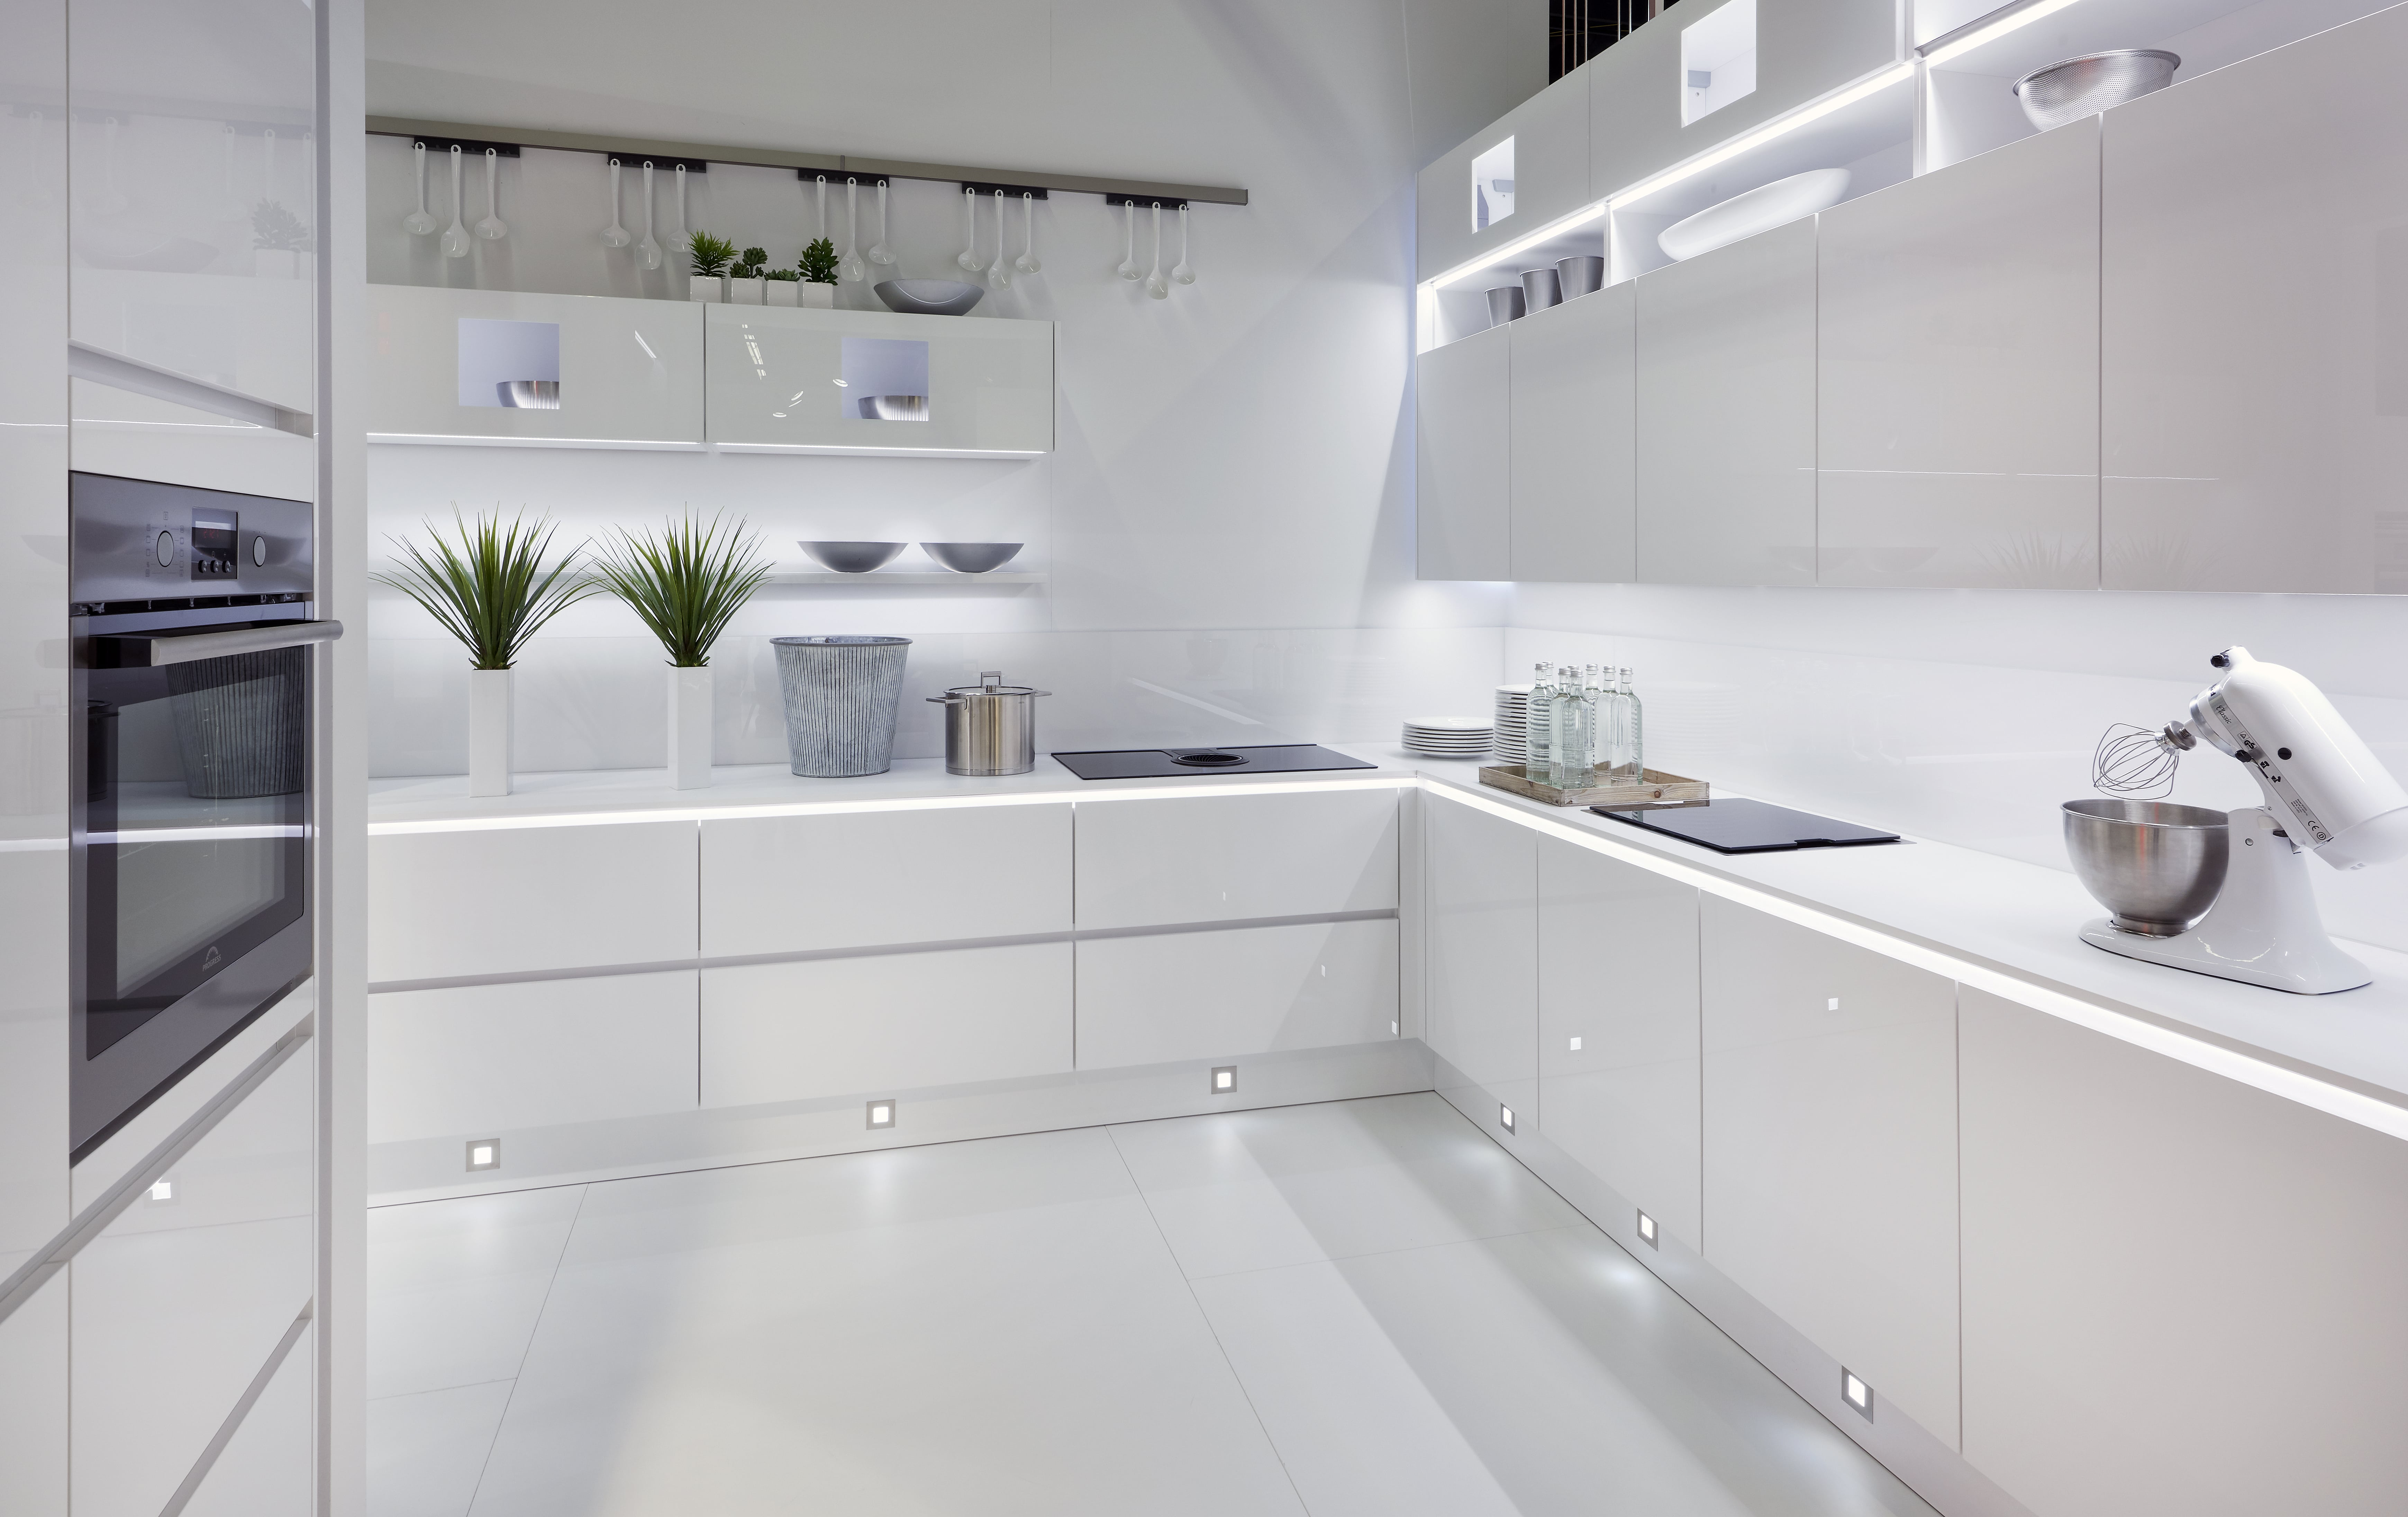 Keukens inspiratie